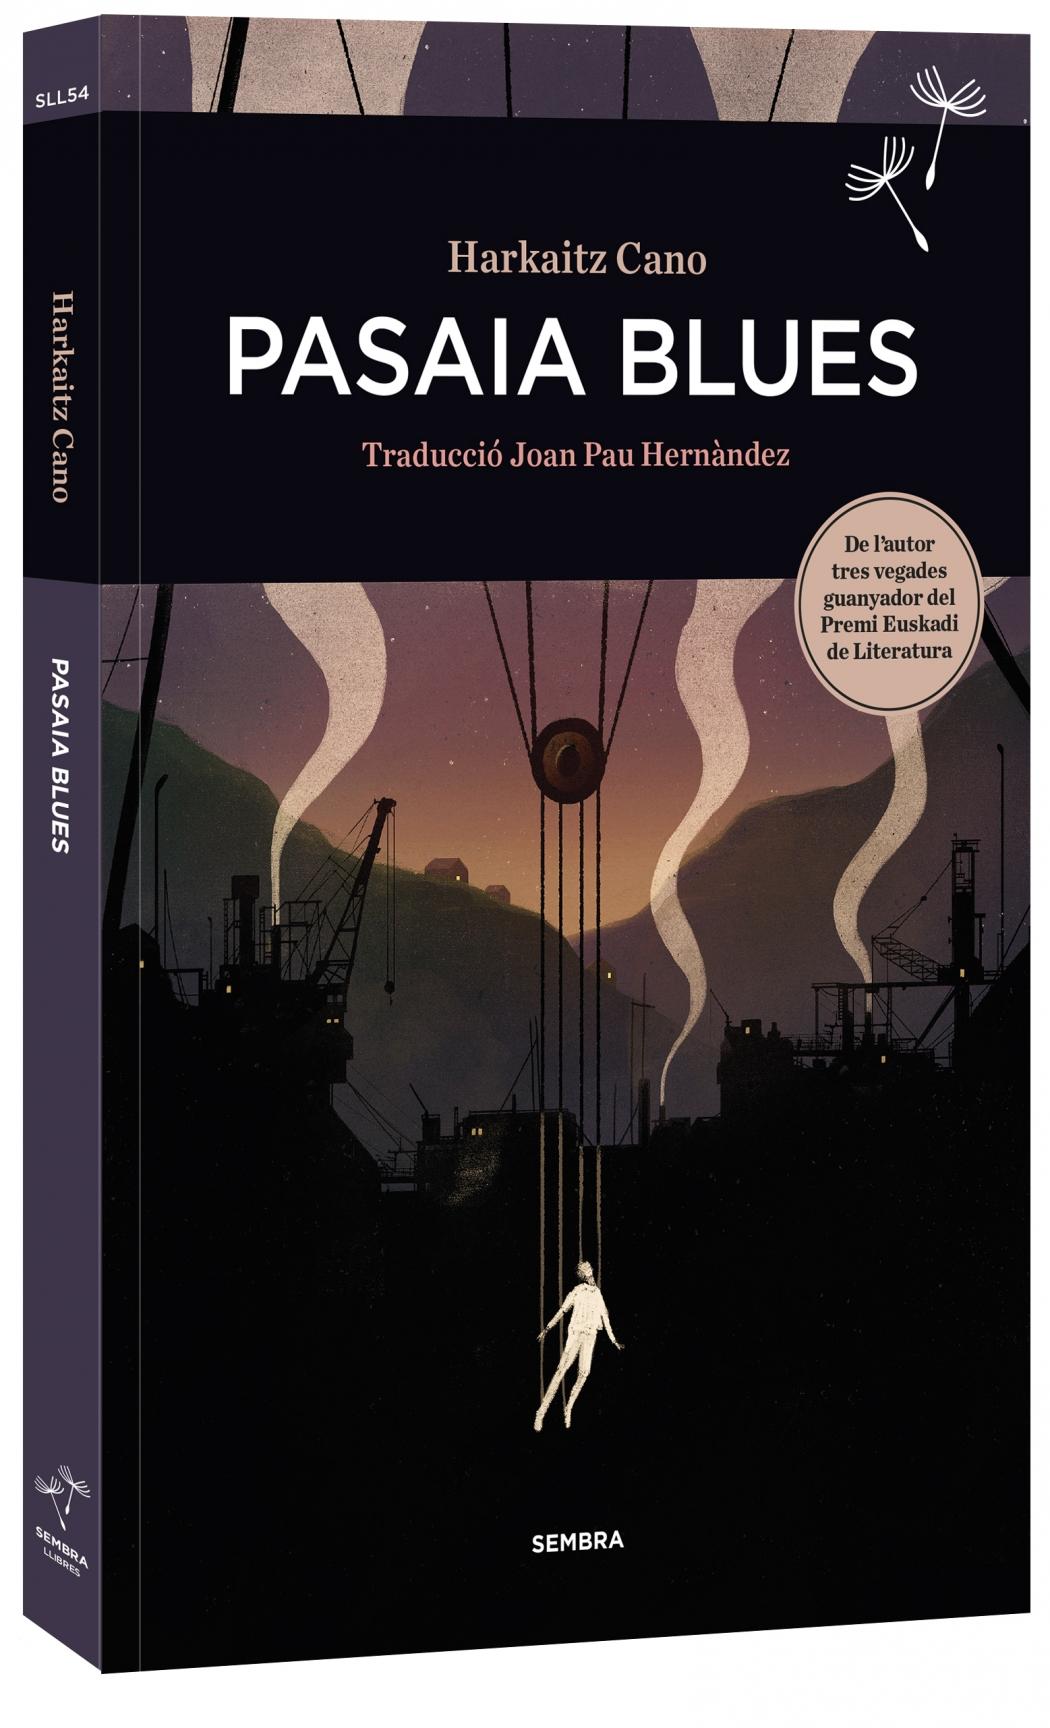 Arriba a les llibreries Pasaia Blues, la primera novel·la traduïda al català d'Harkaitz Cano